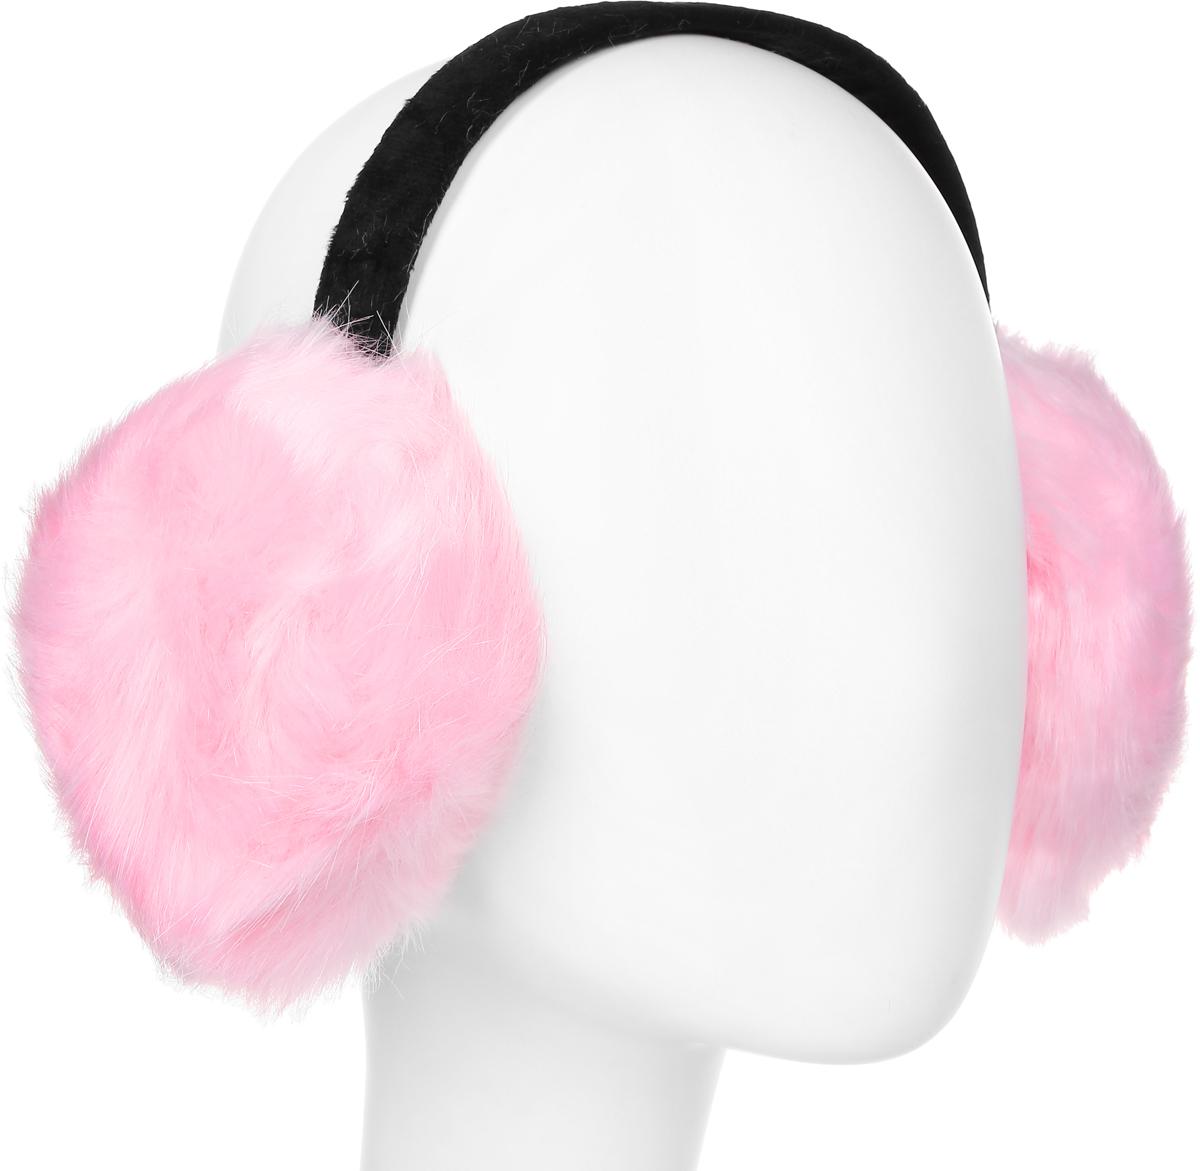 Наушники для девушек Vitacci, цвет: розовый. 1000000408. Размер универсальный1000000408